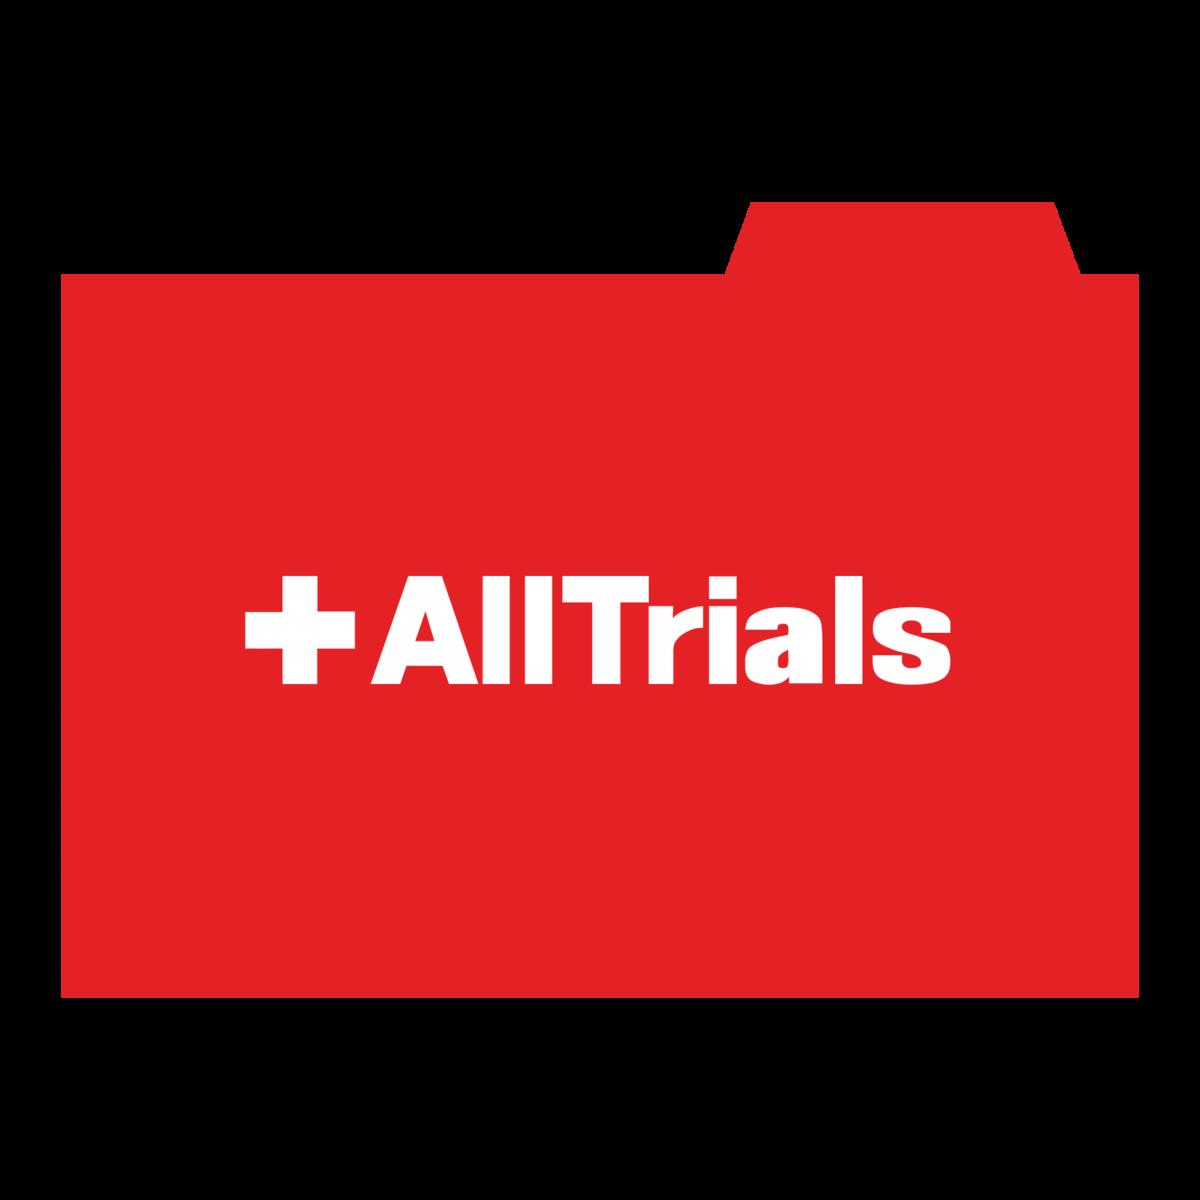 AllTrials - Wikipedia